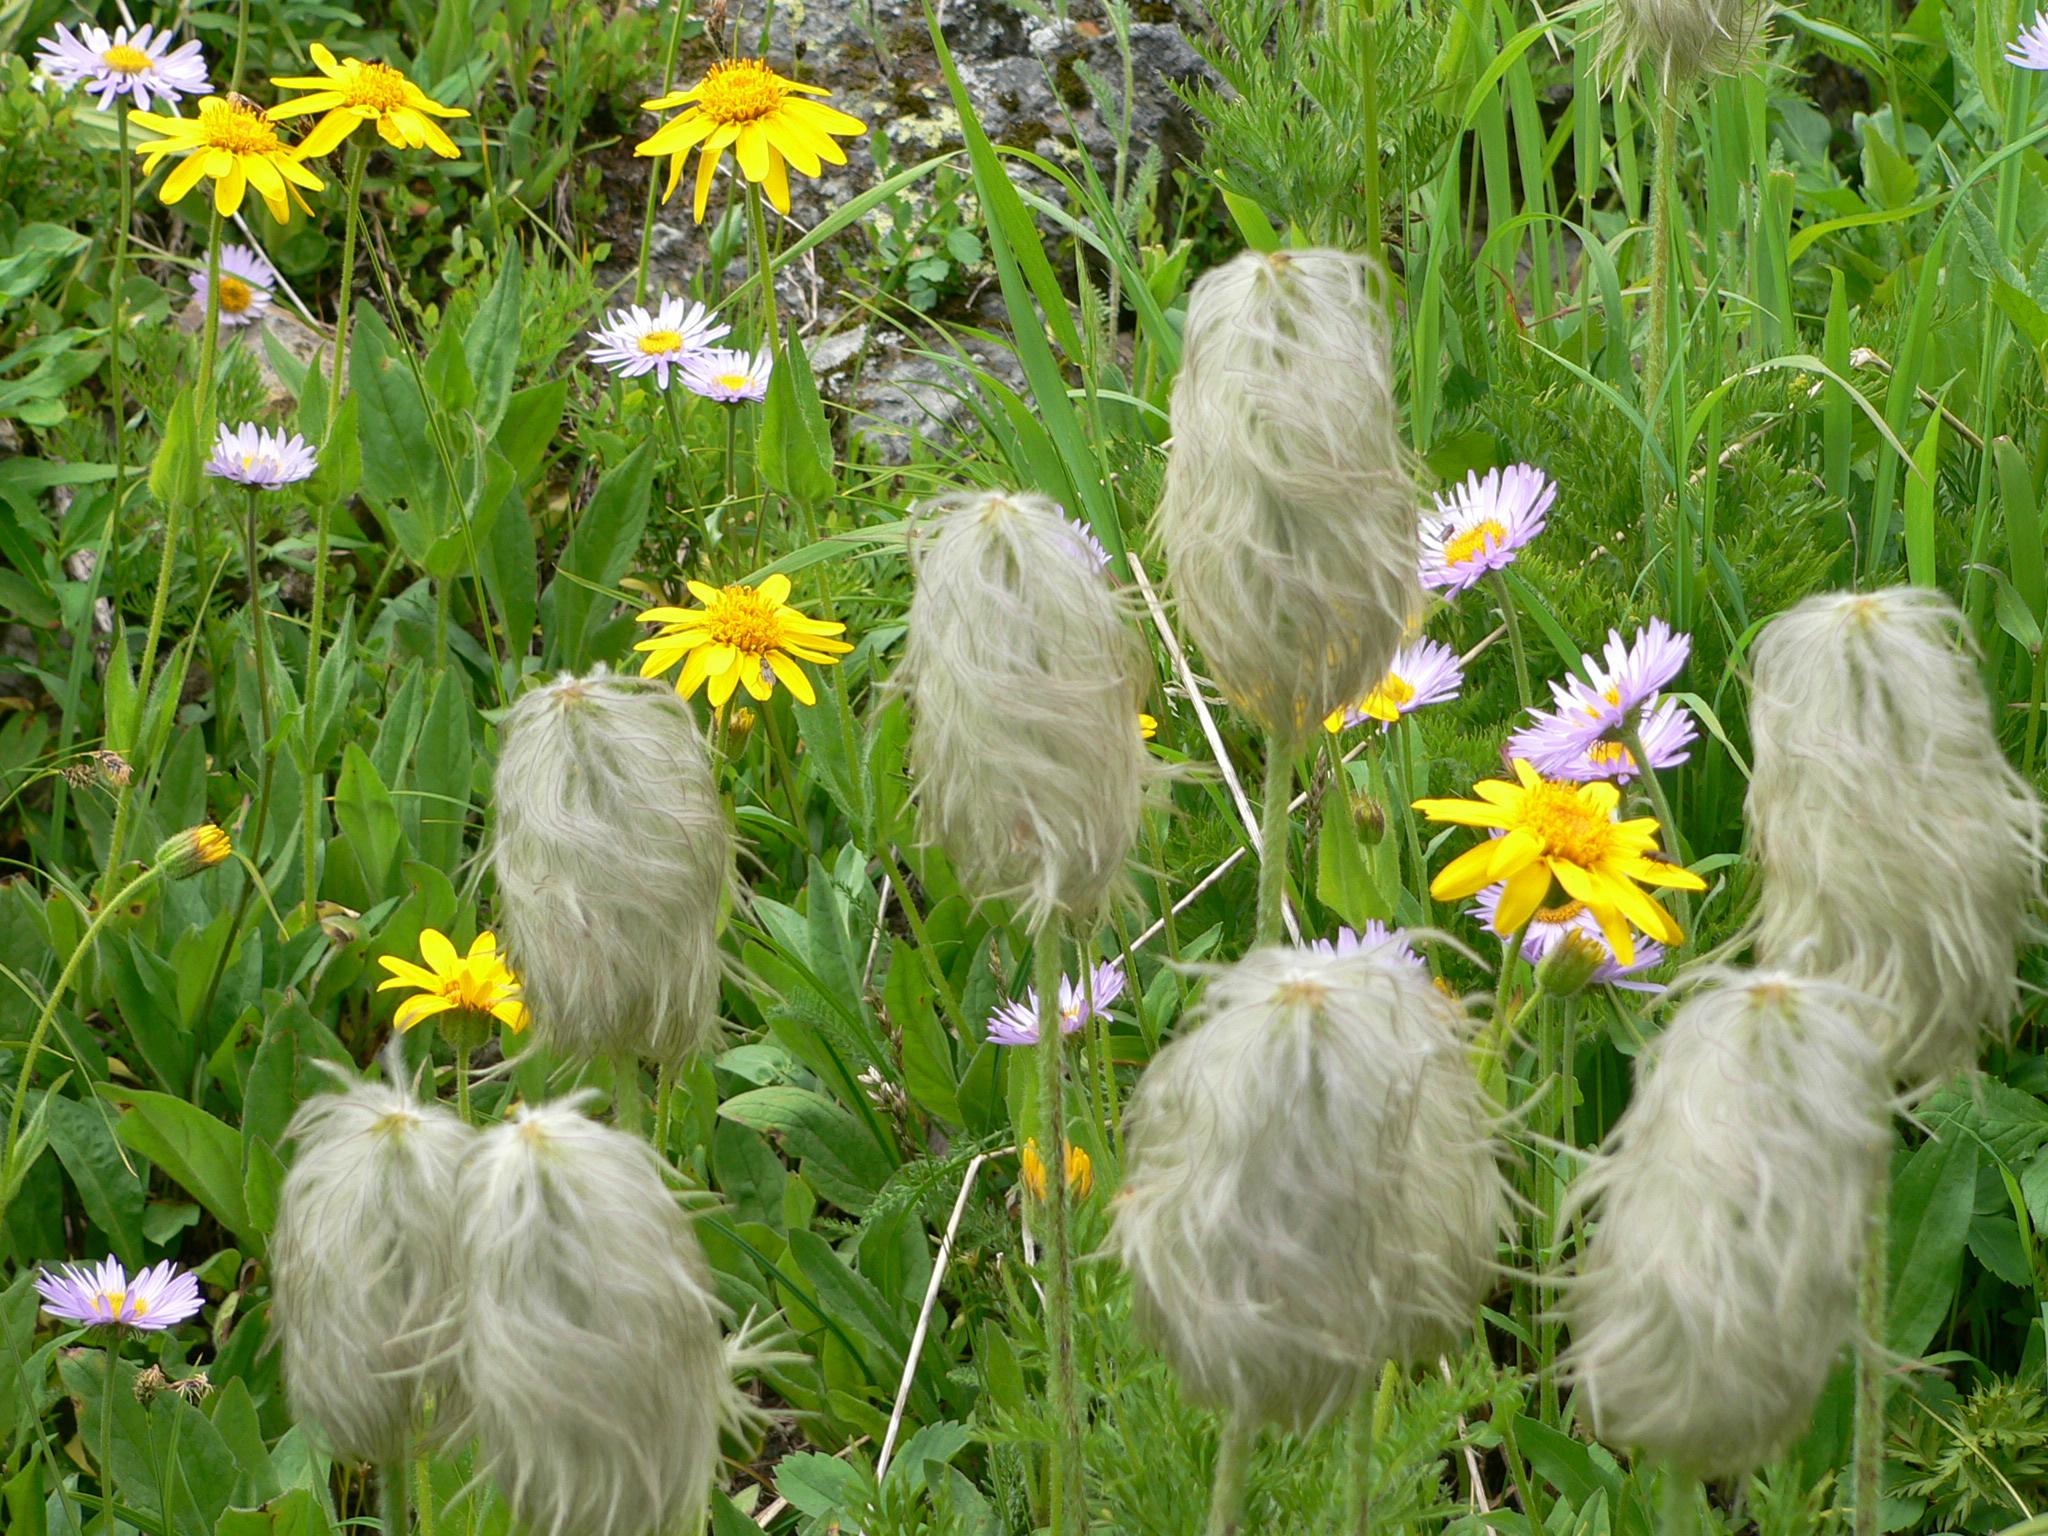 Wild flowers at Helen Lk, Banff NP